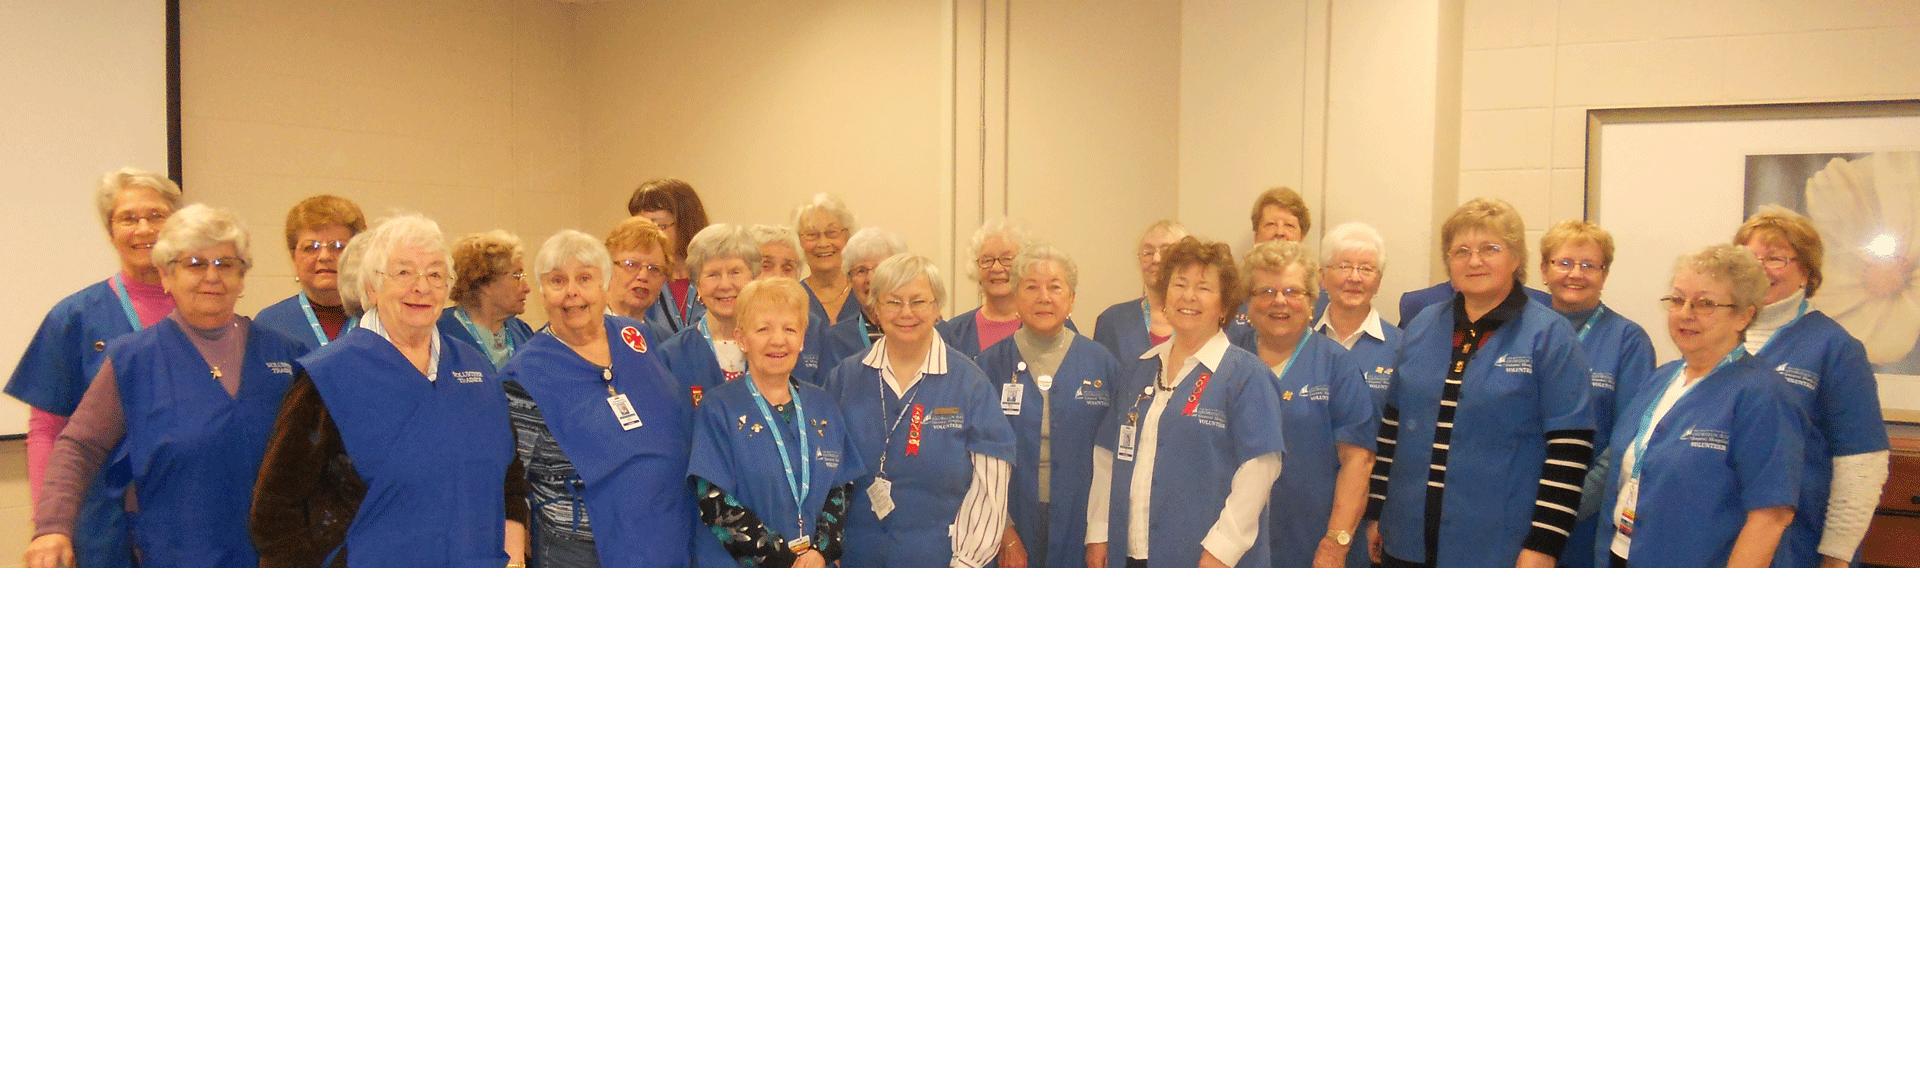 Association des bénévoles de l'Hôpital général de la baie Georgienne